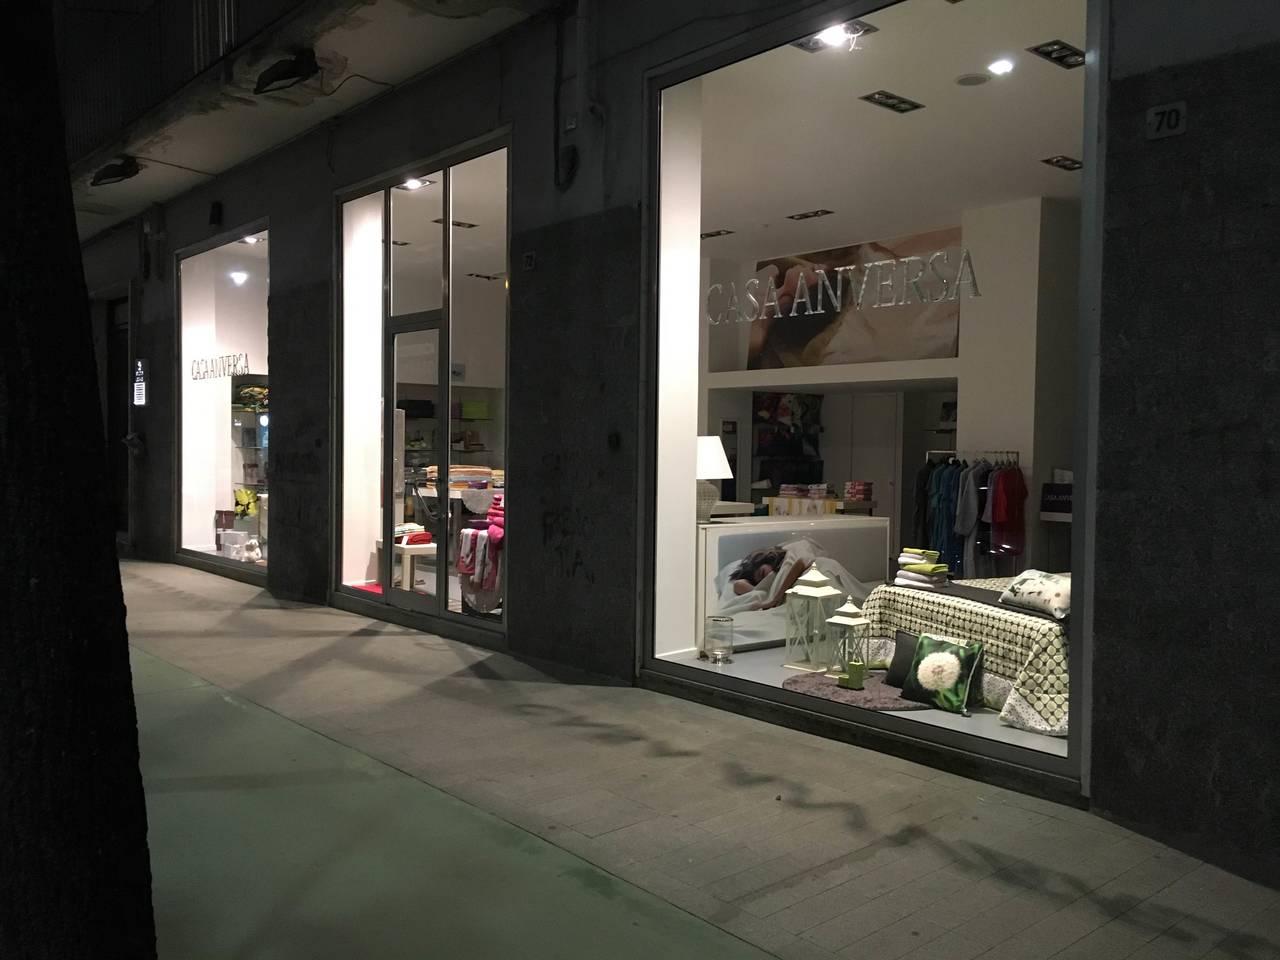 Franchising casa anversa aprire un negozio casa anversa franchising2 - Casa anversa biancheria ...